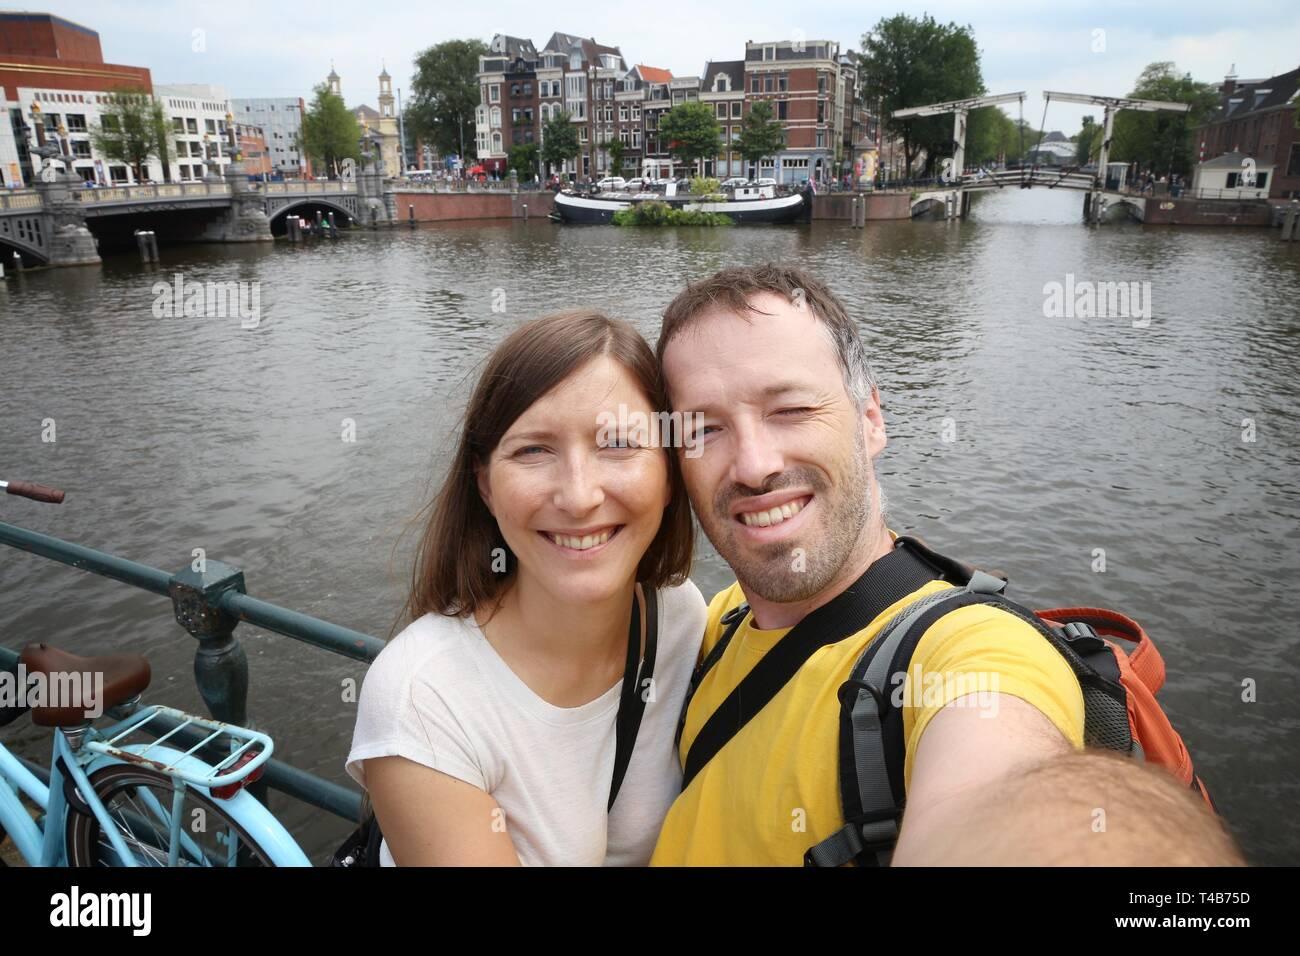 Amsterdam Tourist selfie - Wochenendbesuch in den Niederlanden. Stockbild